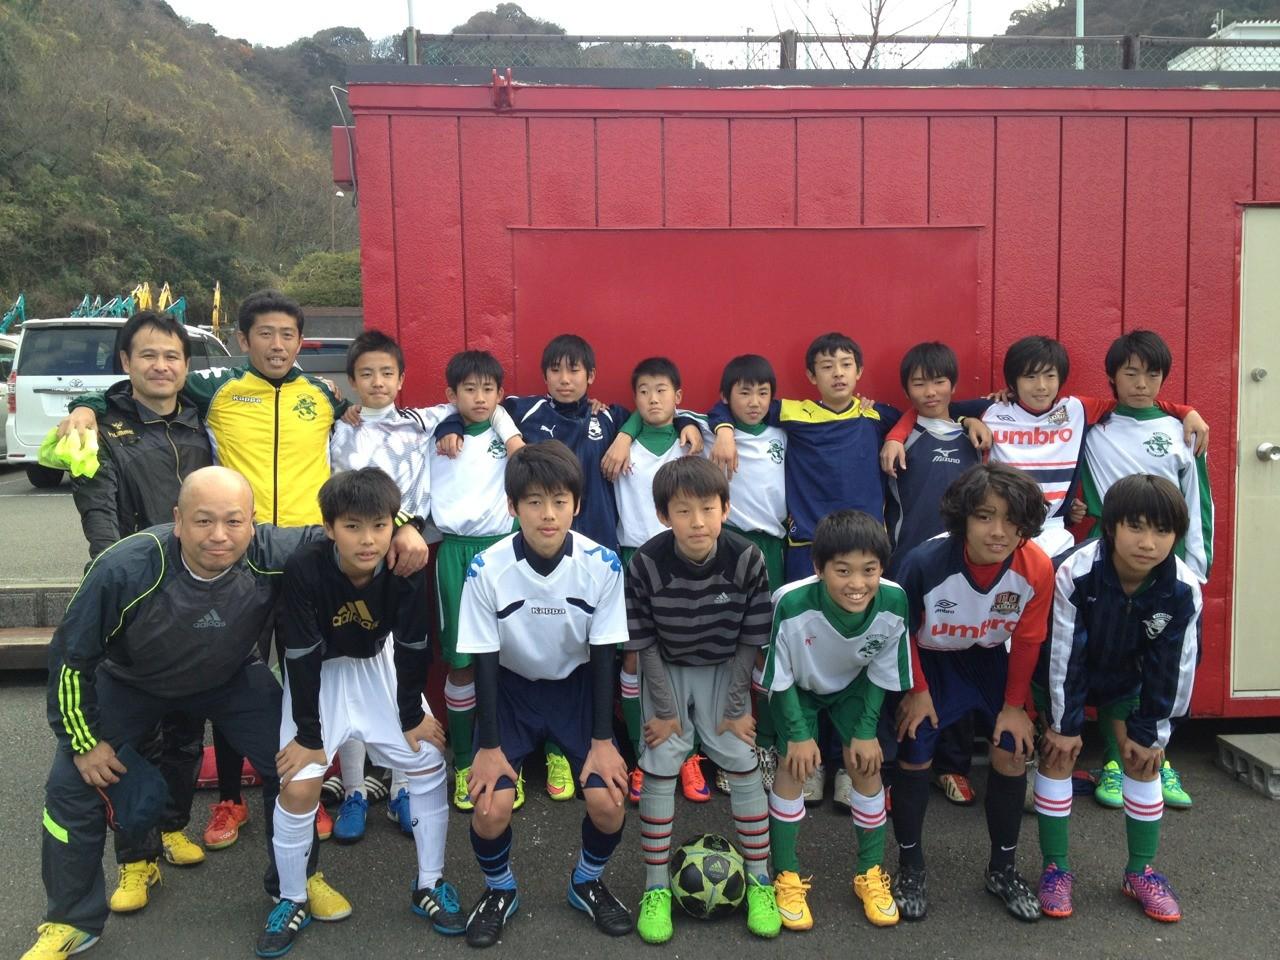 初蹴り大会 2016 OB(U-13)